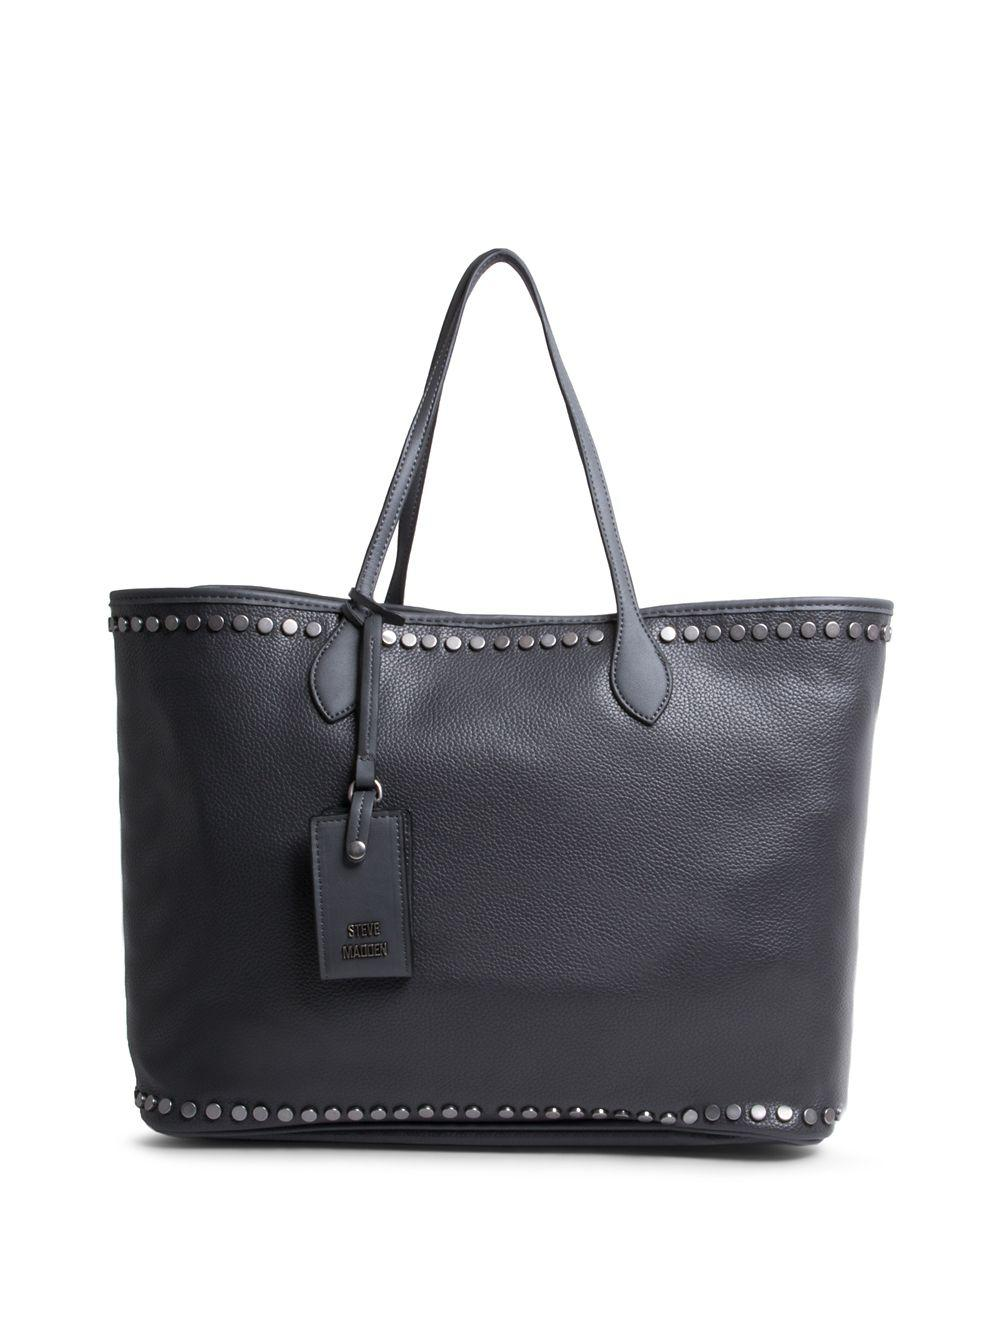 c01d32d3e5c Steve Madden Vivi Tote Bag in Black - Lyst